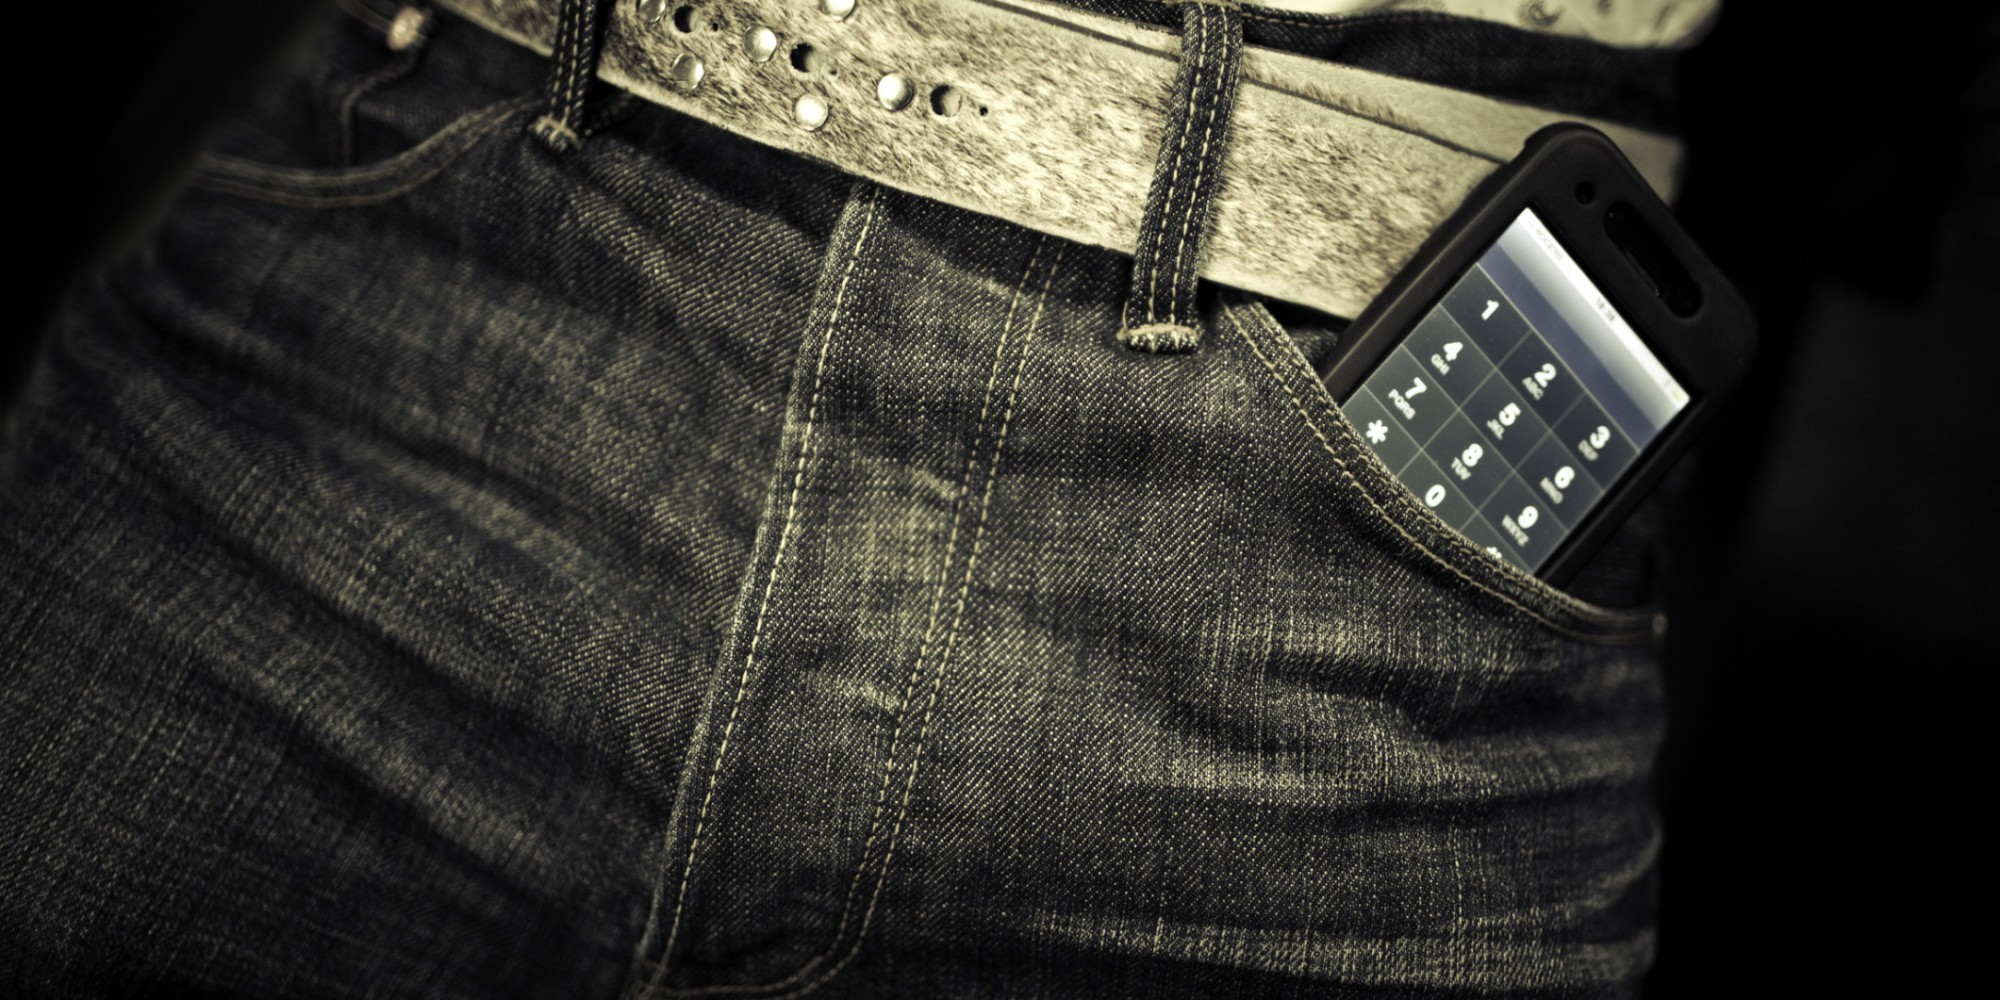 تلفن همراه و تاثیر آن بر قدرت باروری مردان